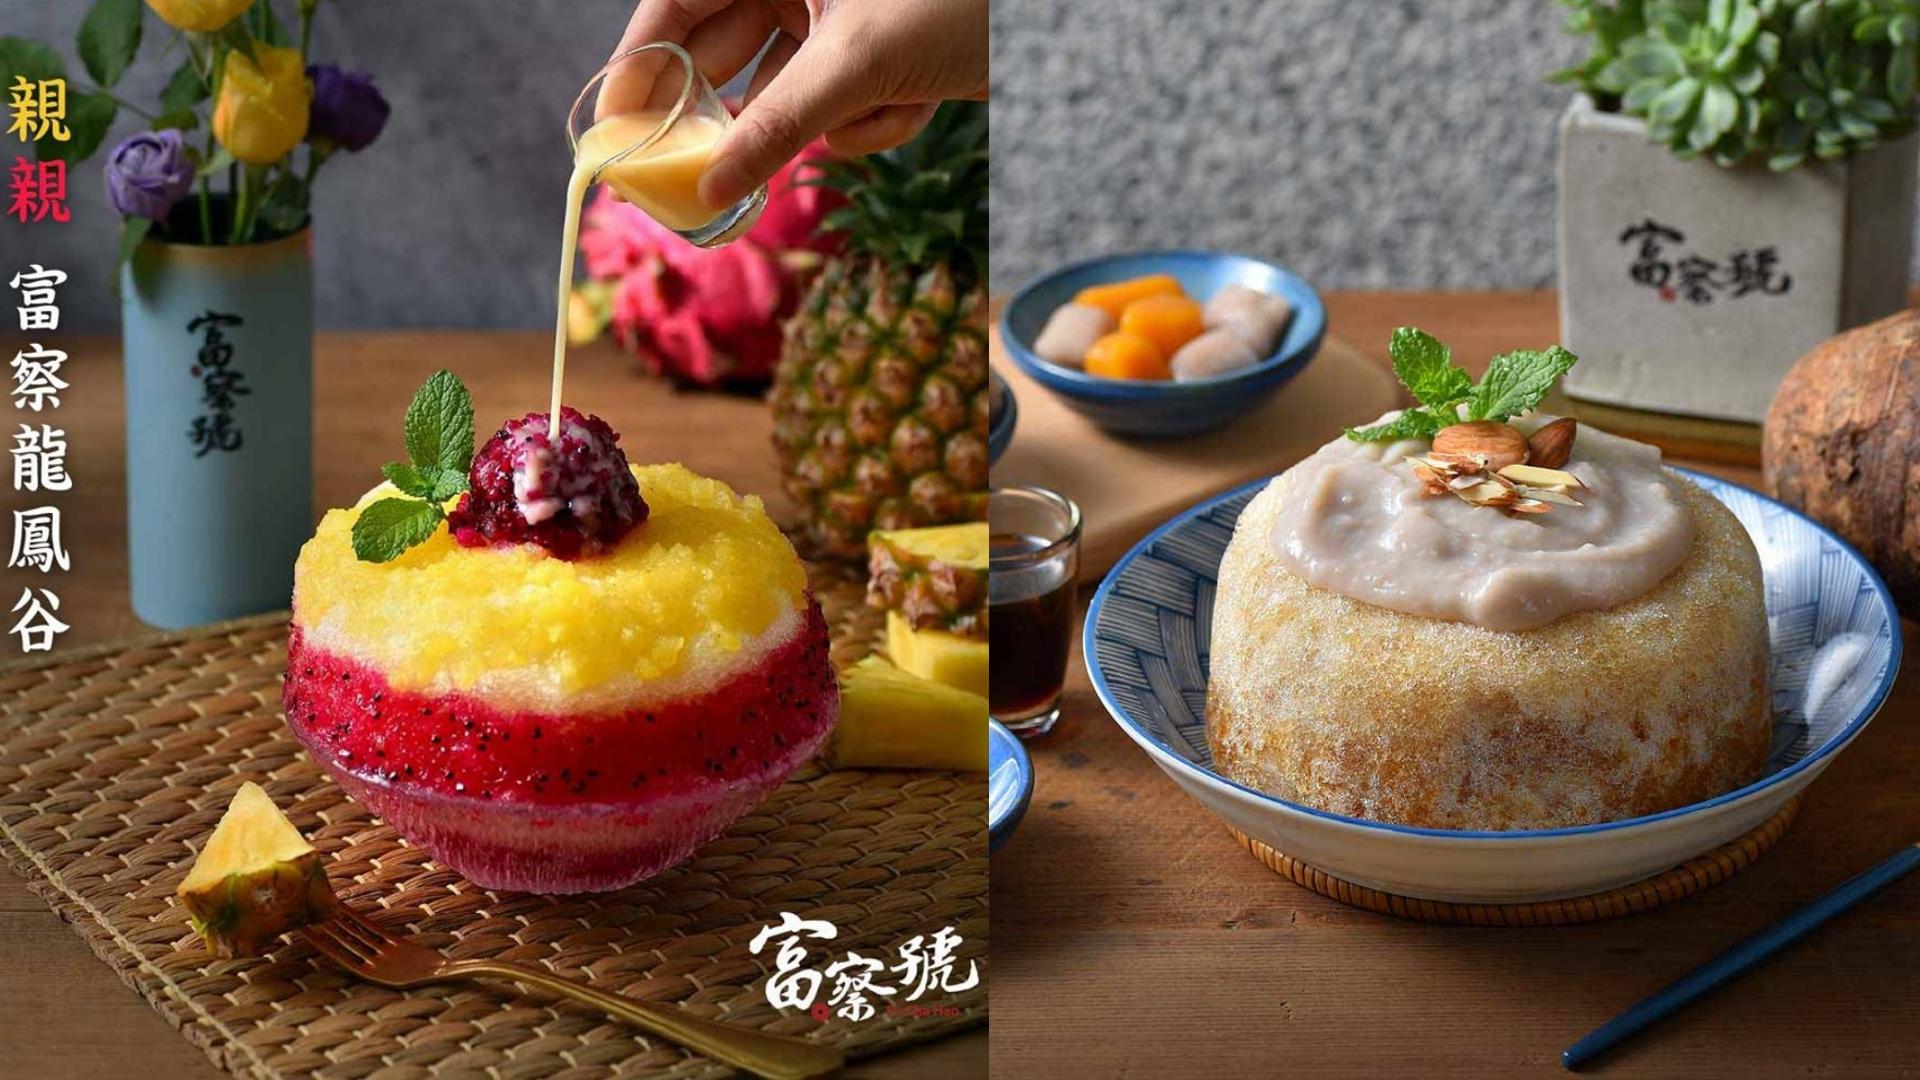 其中超推薦以火龍果和鳳梨果醬製成的親親,富察龍鳳谷,酸甜口感搭配一旁的養樂多淋上去,真的超級消暑!